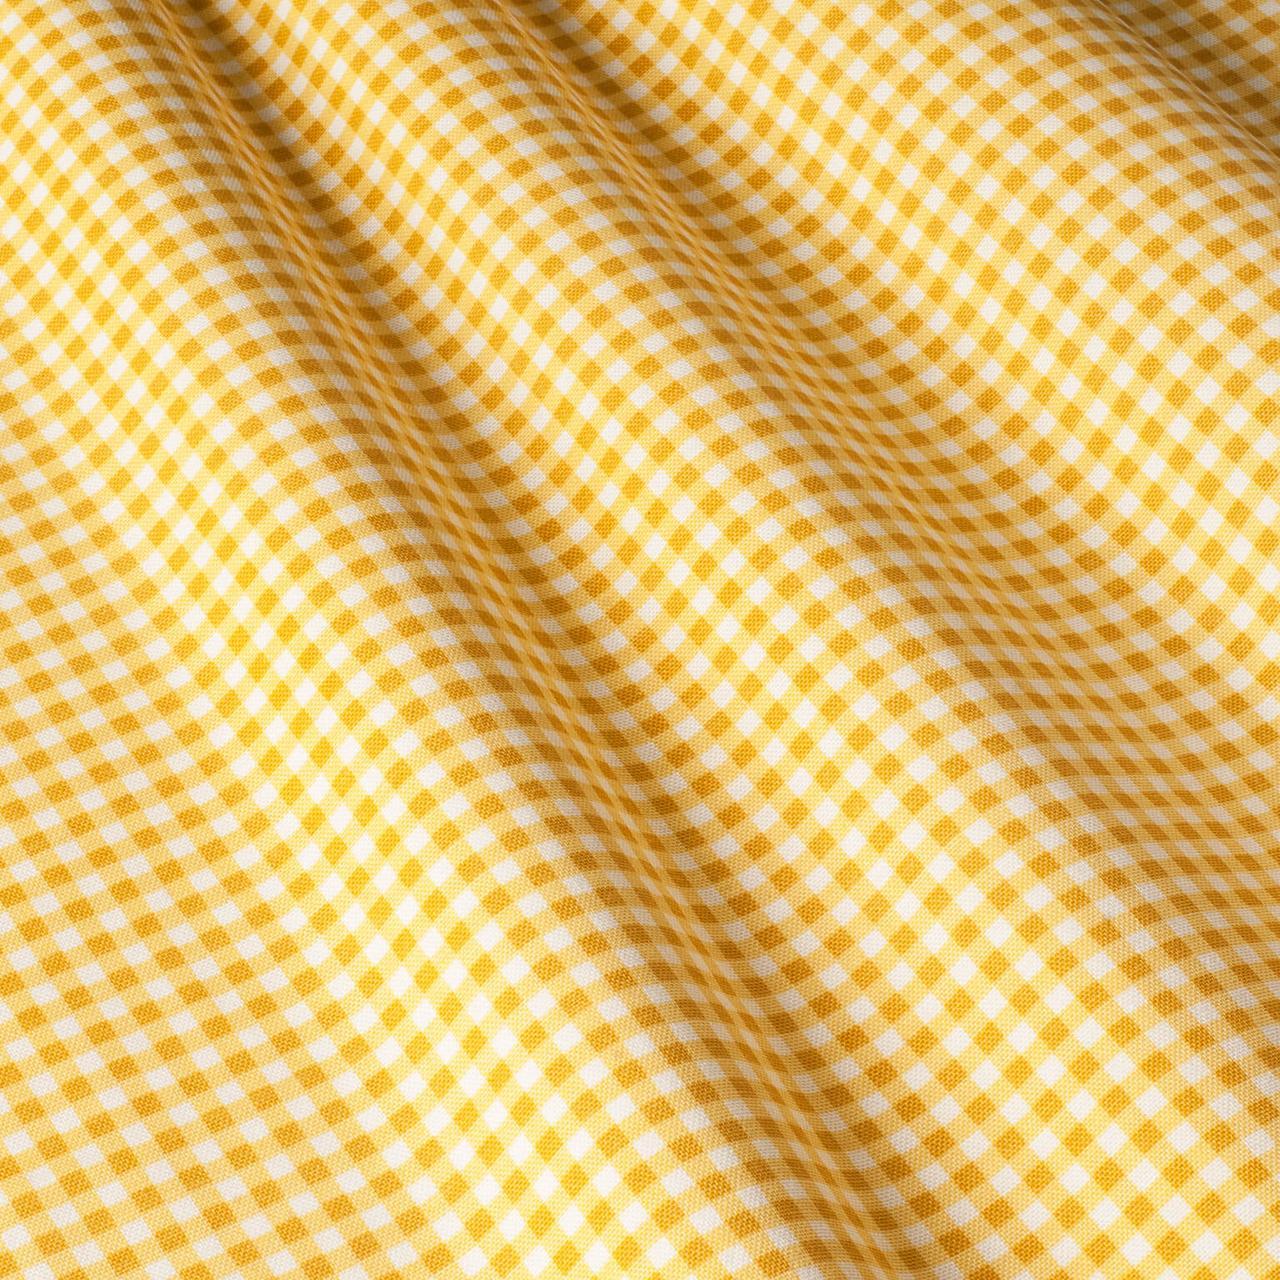 Ткань для штор и скатертей Teflon 83178 v 11